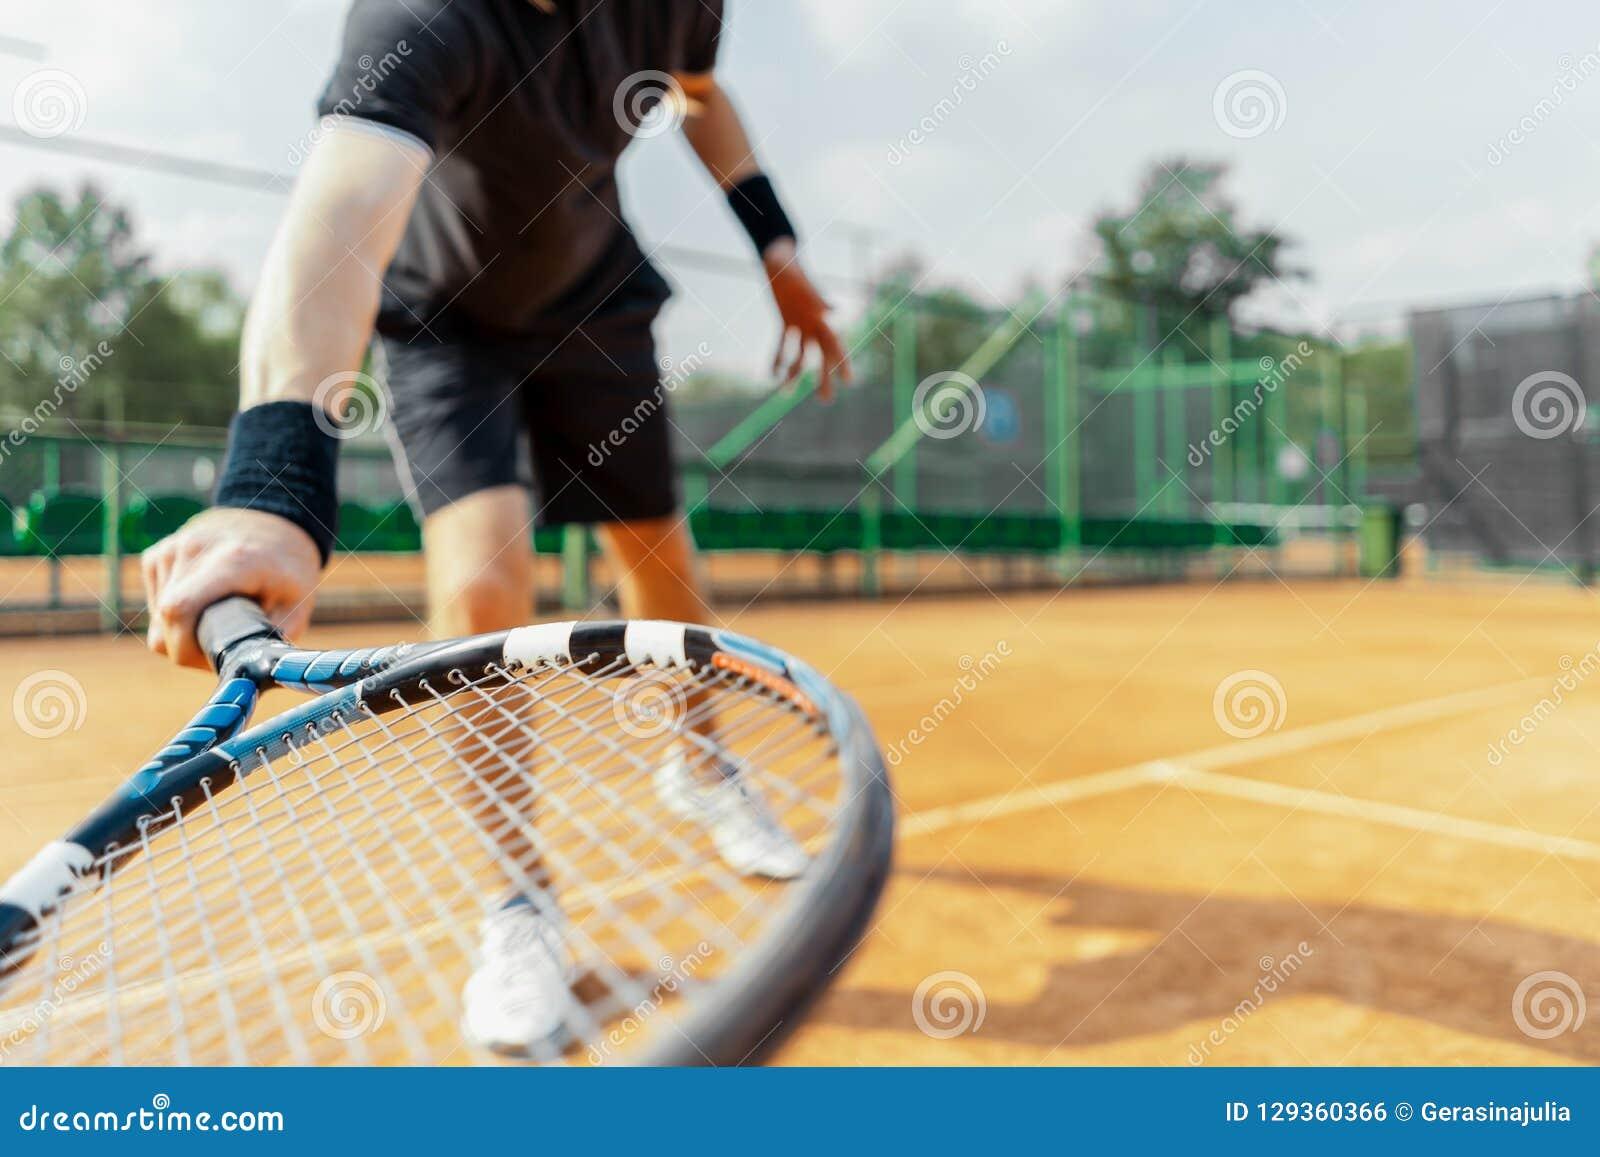 Sluit van de racket van de mensenholding bij rechts en afstraffing omhoog een tennisbal